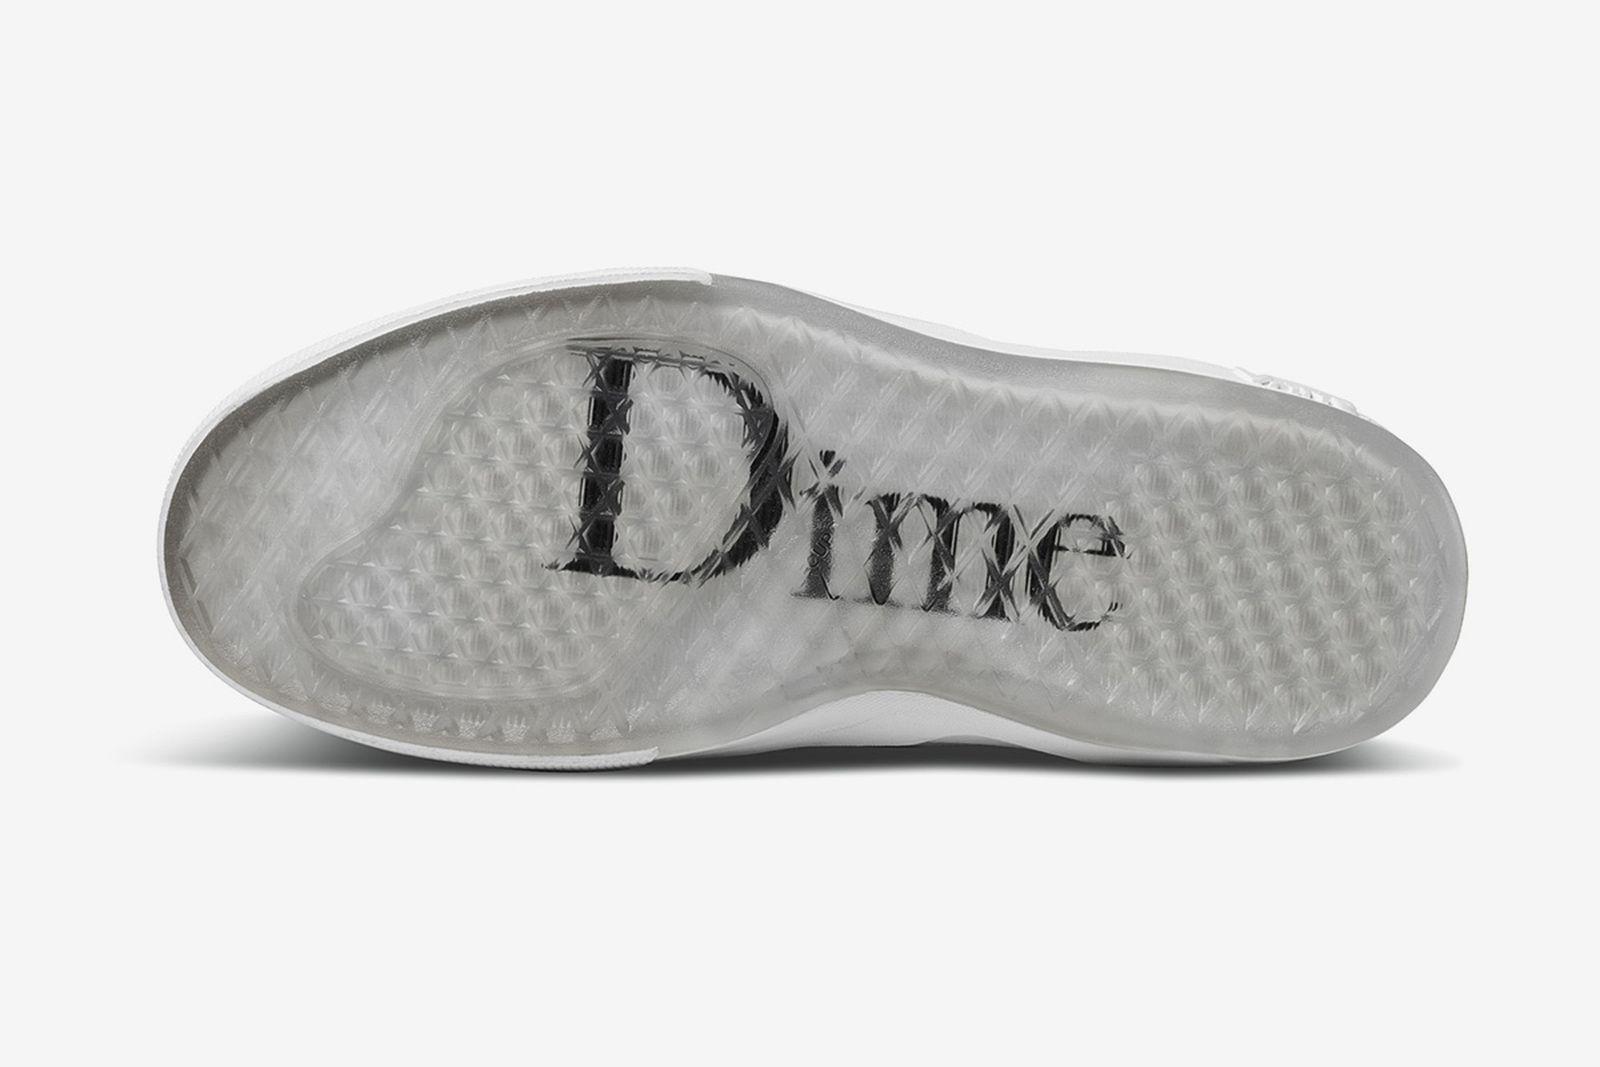 dime-vans-wayvee-release-date-price-13